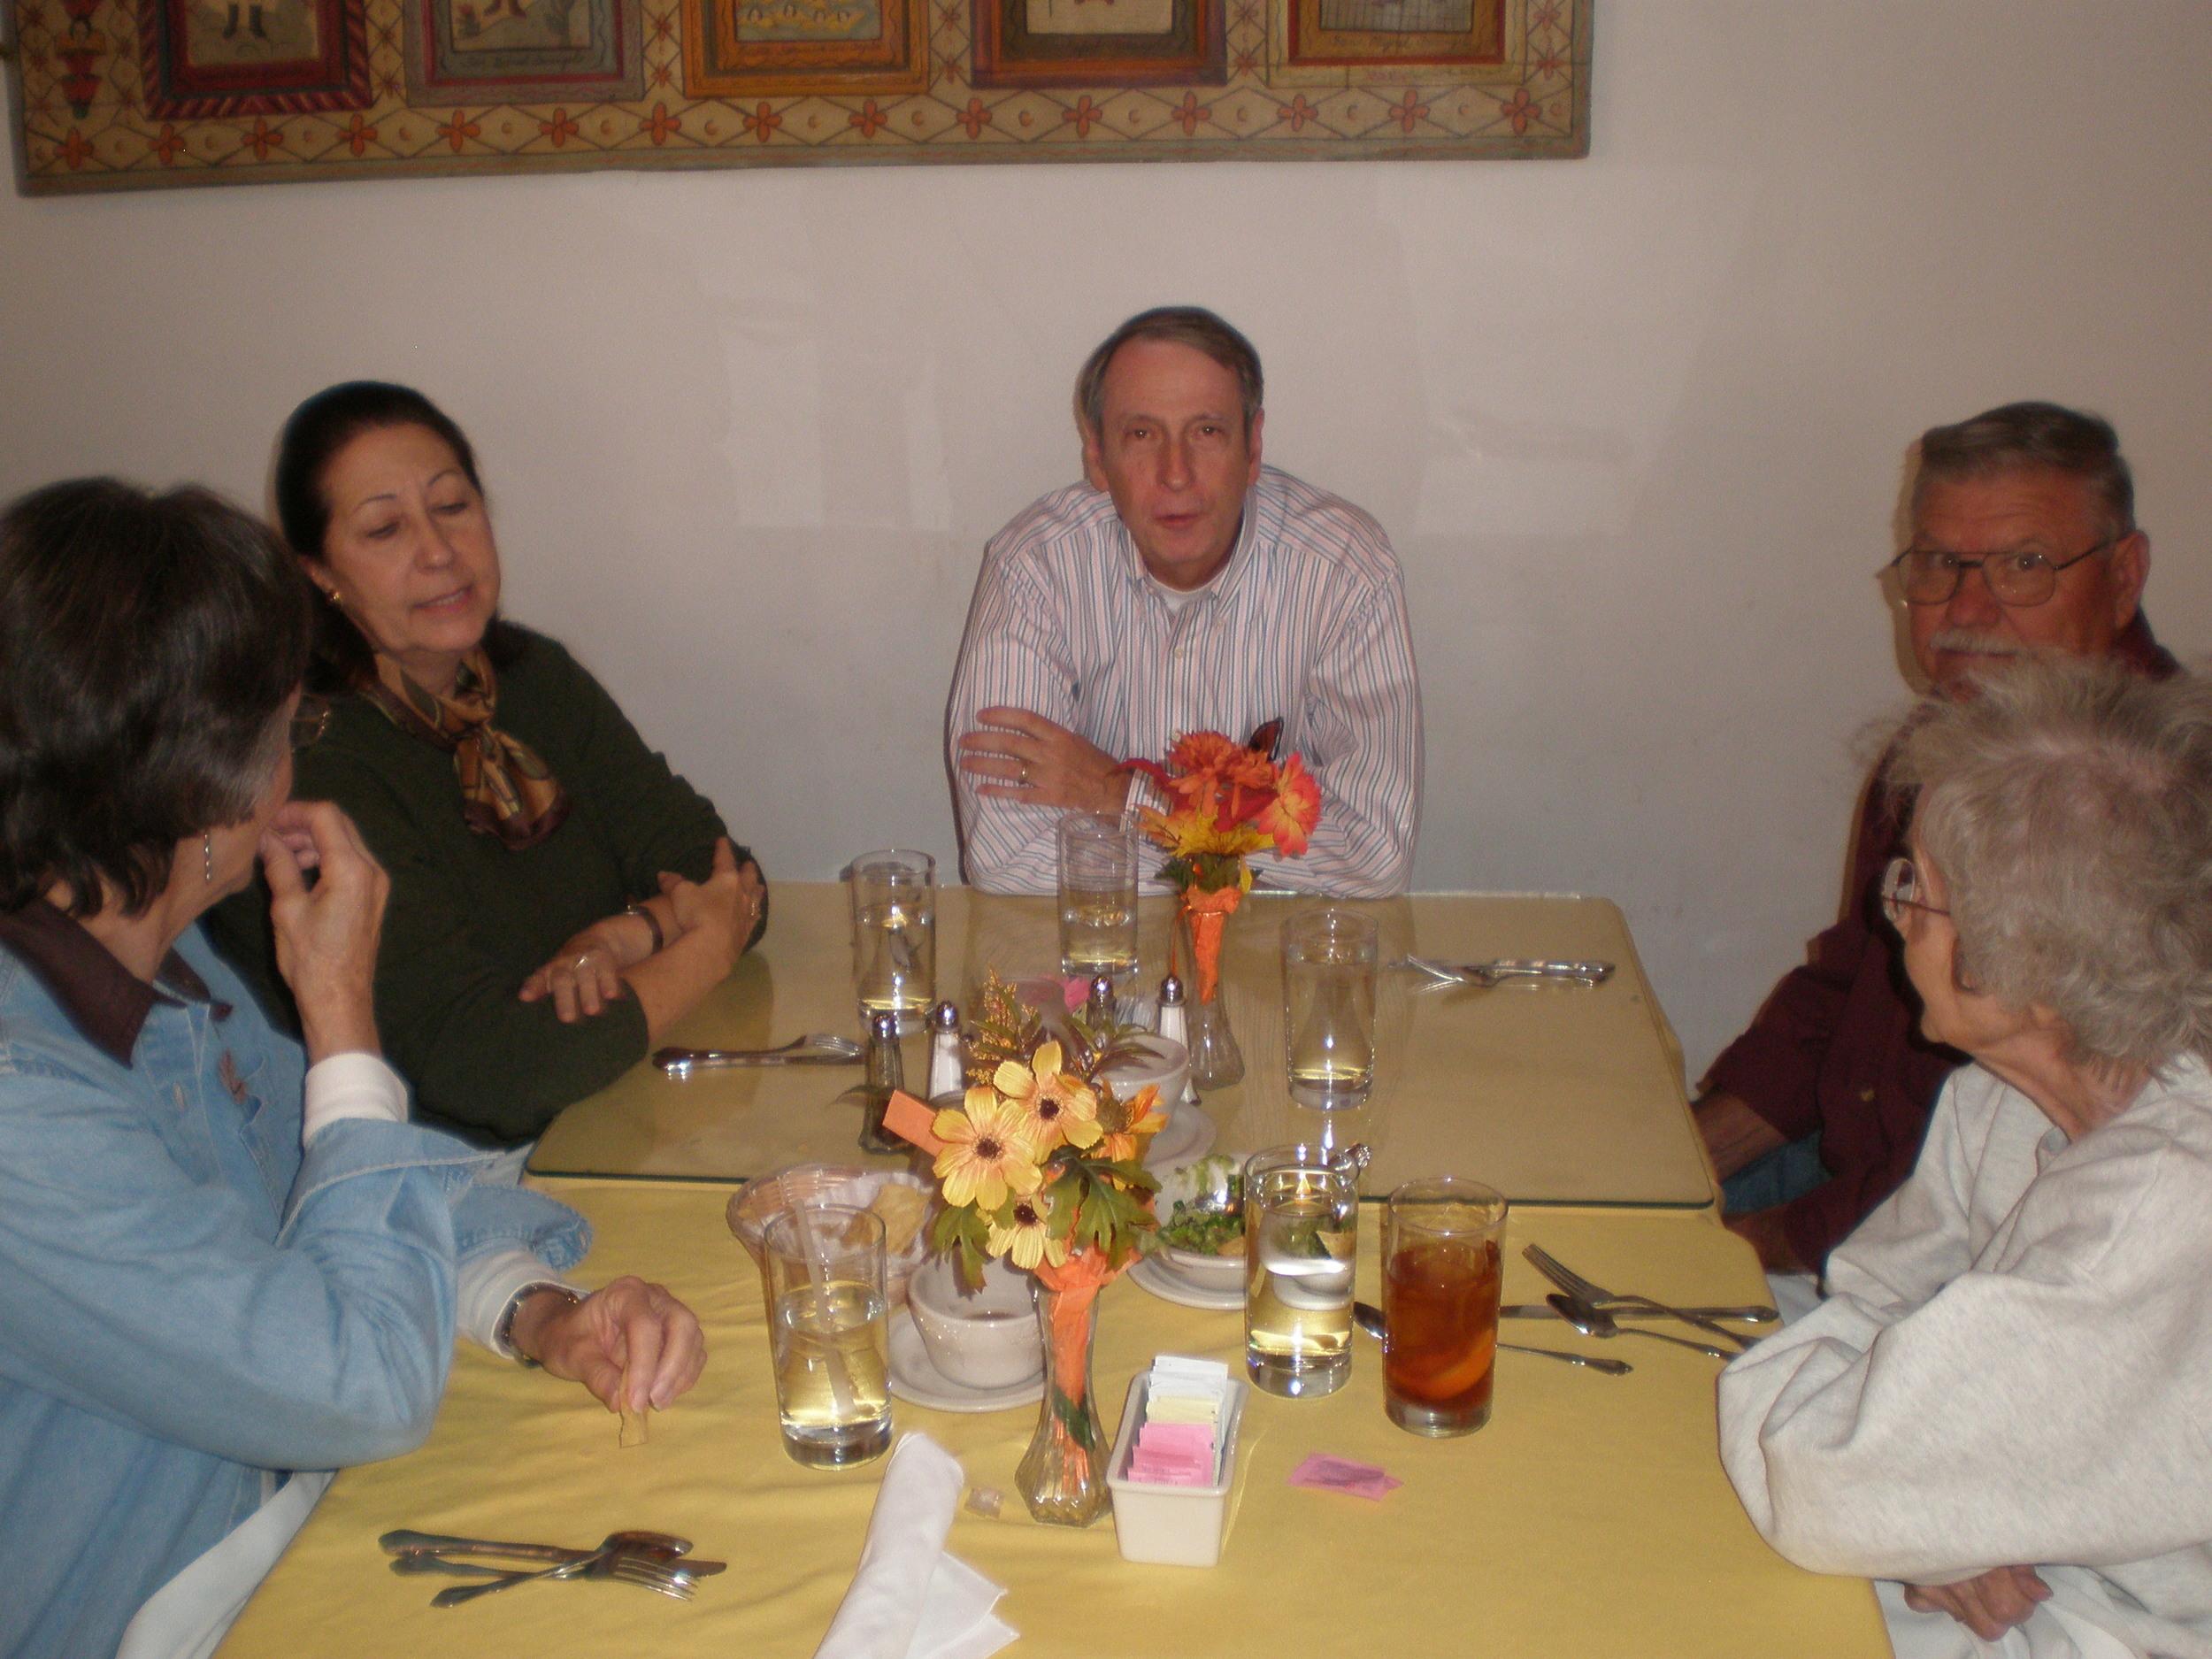 Marilyn, Helen, Jay, Ron, and Jo at Rancho de Chimayo